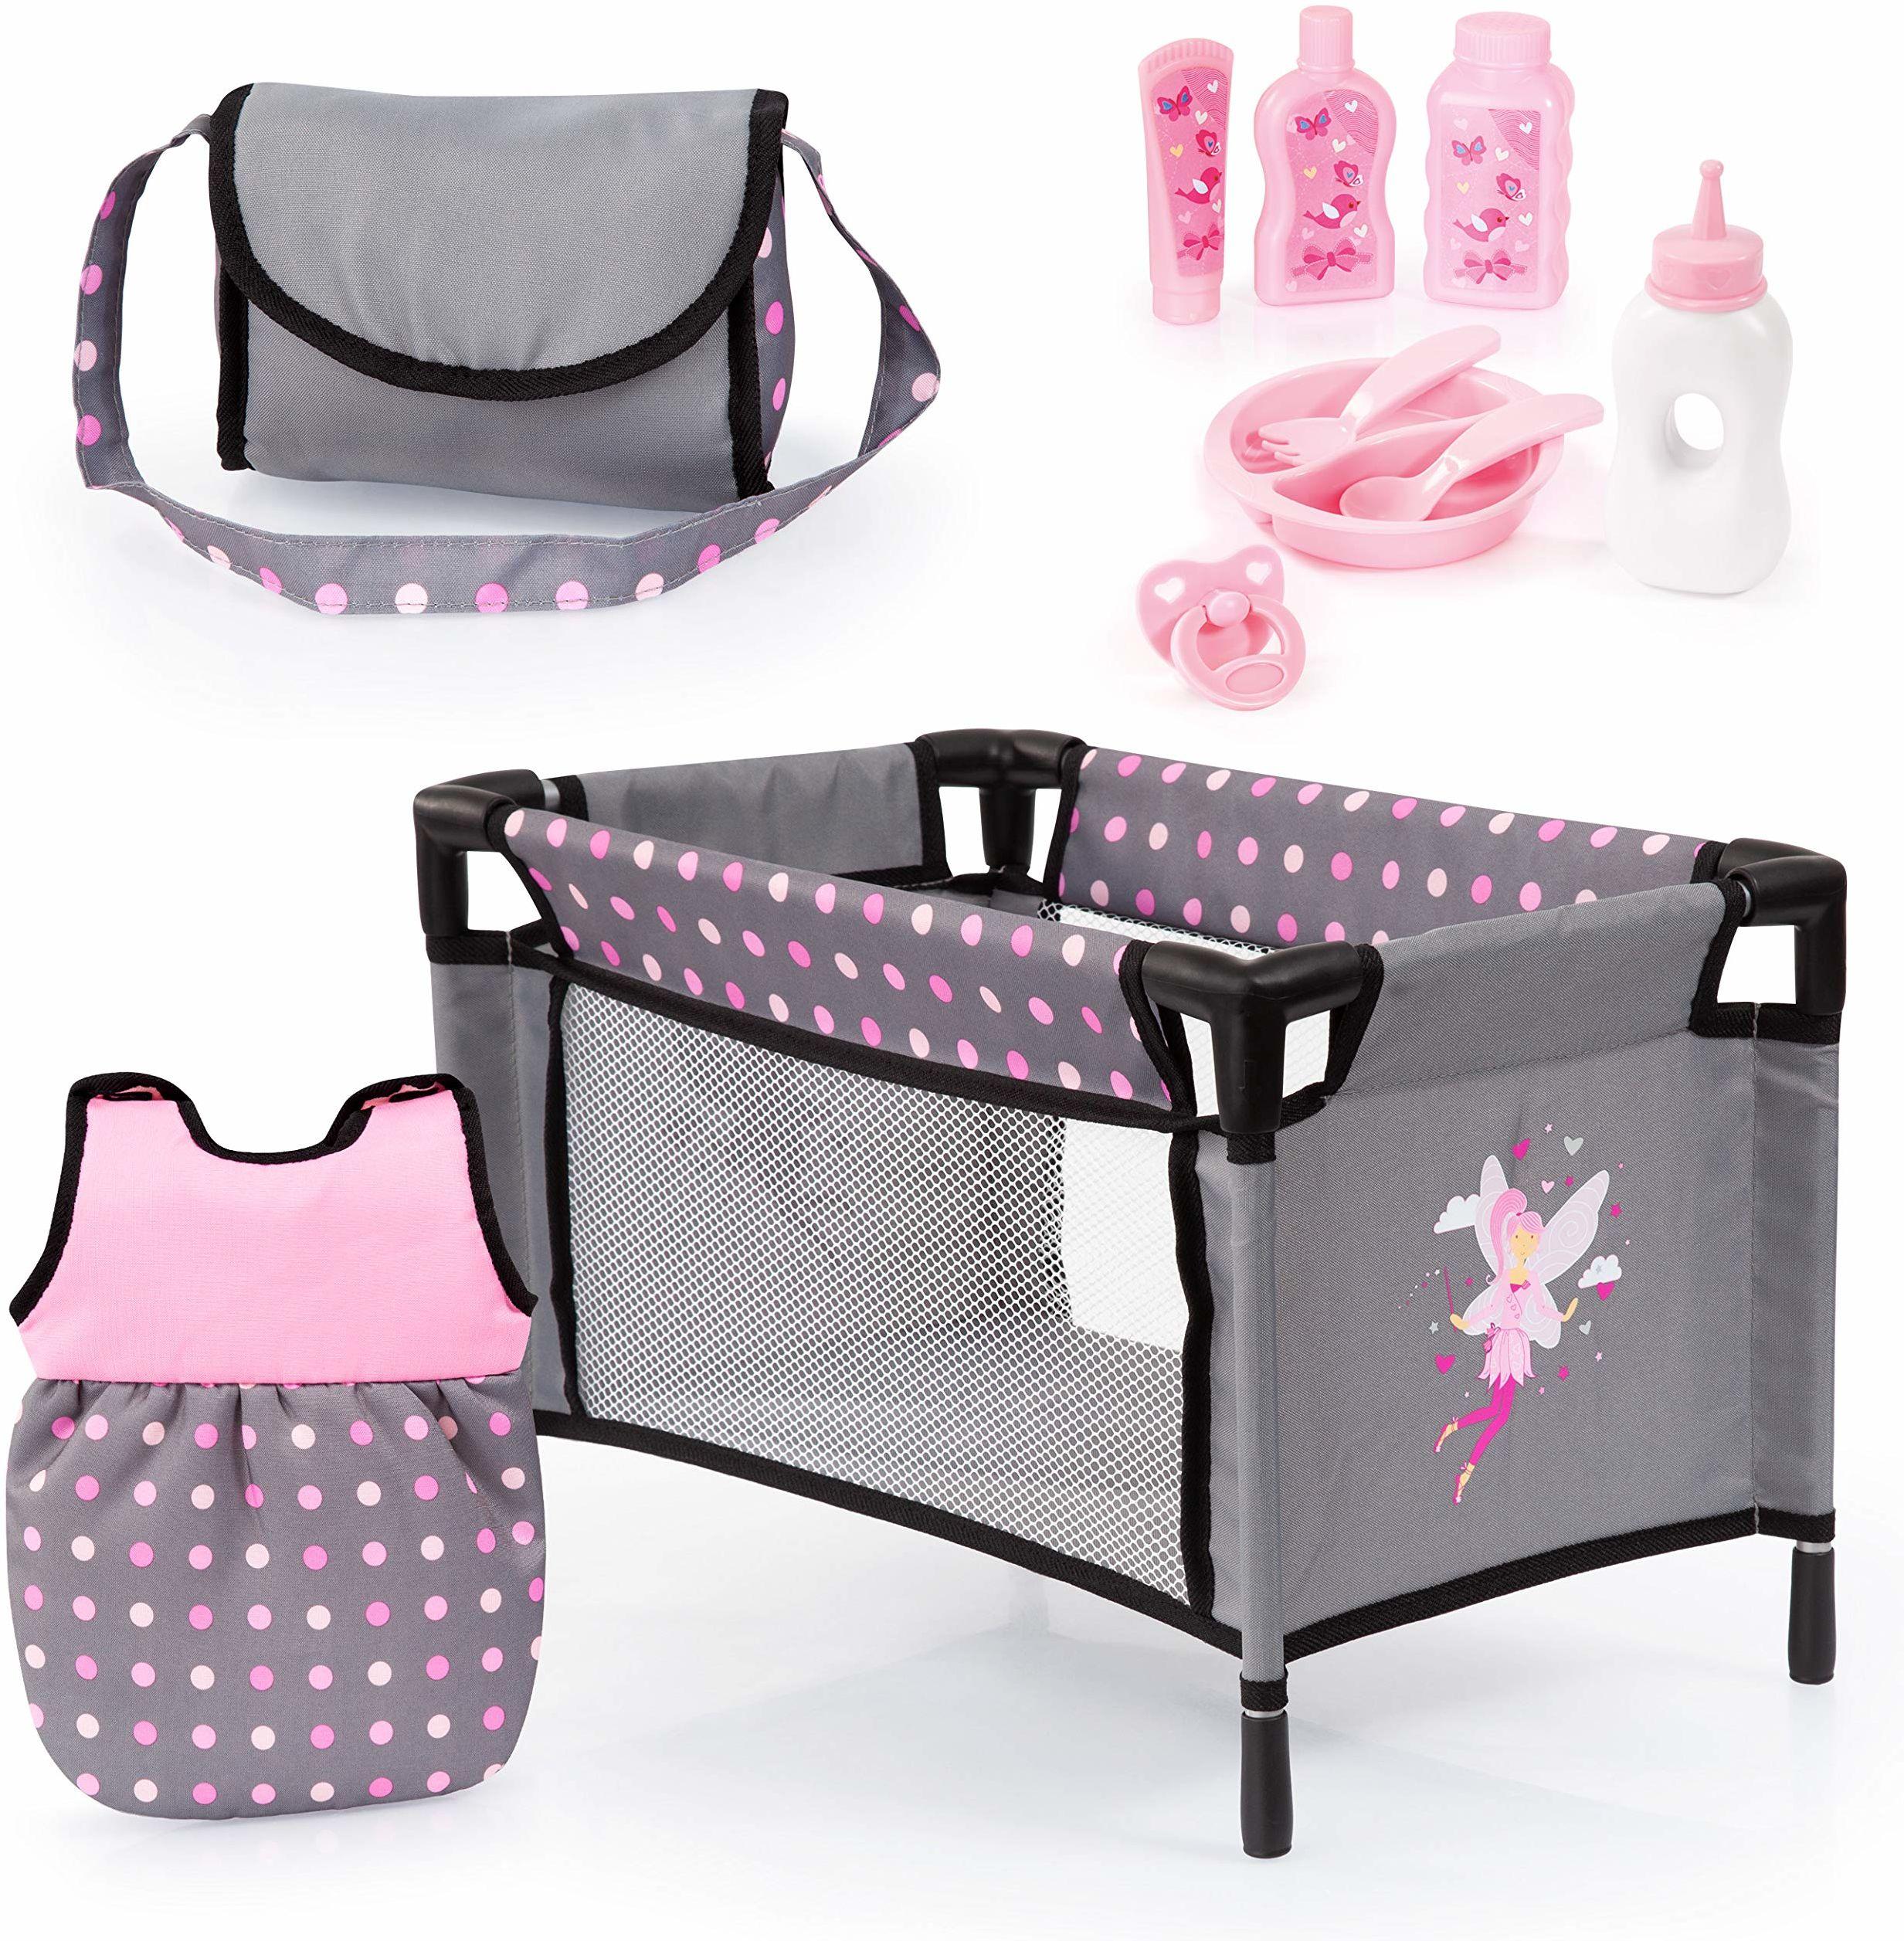 Bayer Design 61766AB akcesoria dla lalek, 11 w 1, duży zestaw akcesoriów do lalek niemowlęcych, w zestawie torba, łóżeczko podróżne, śpiwór i akcesoria do pielęgnacji, szary, różowy, w kropki